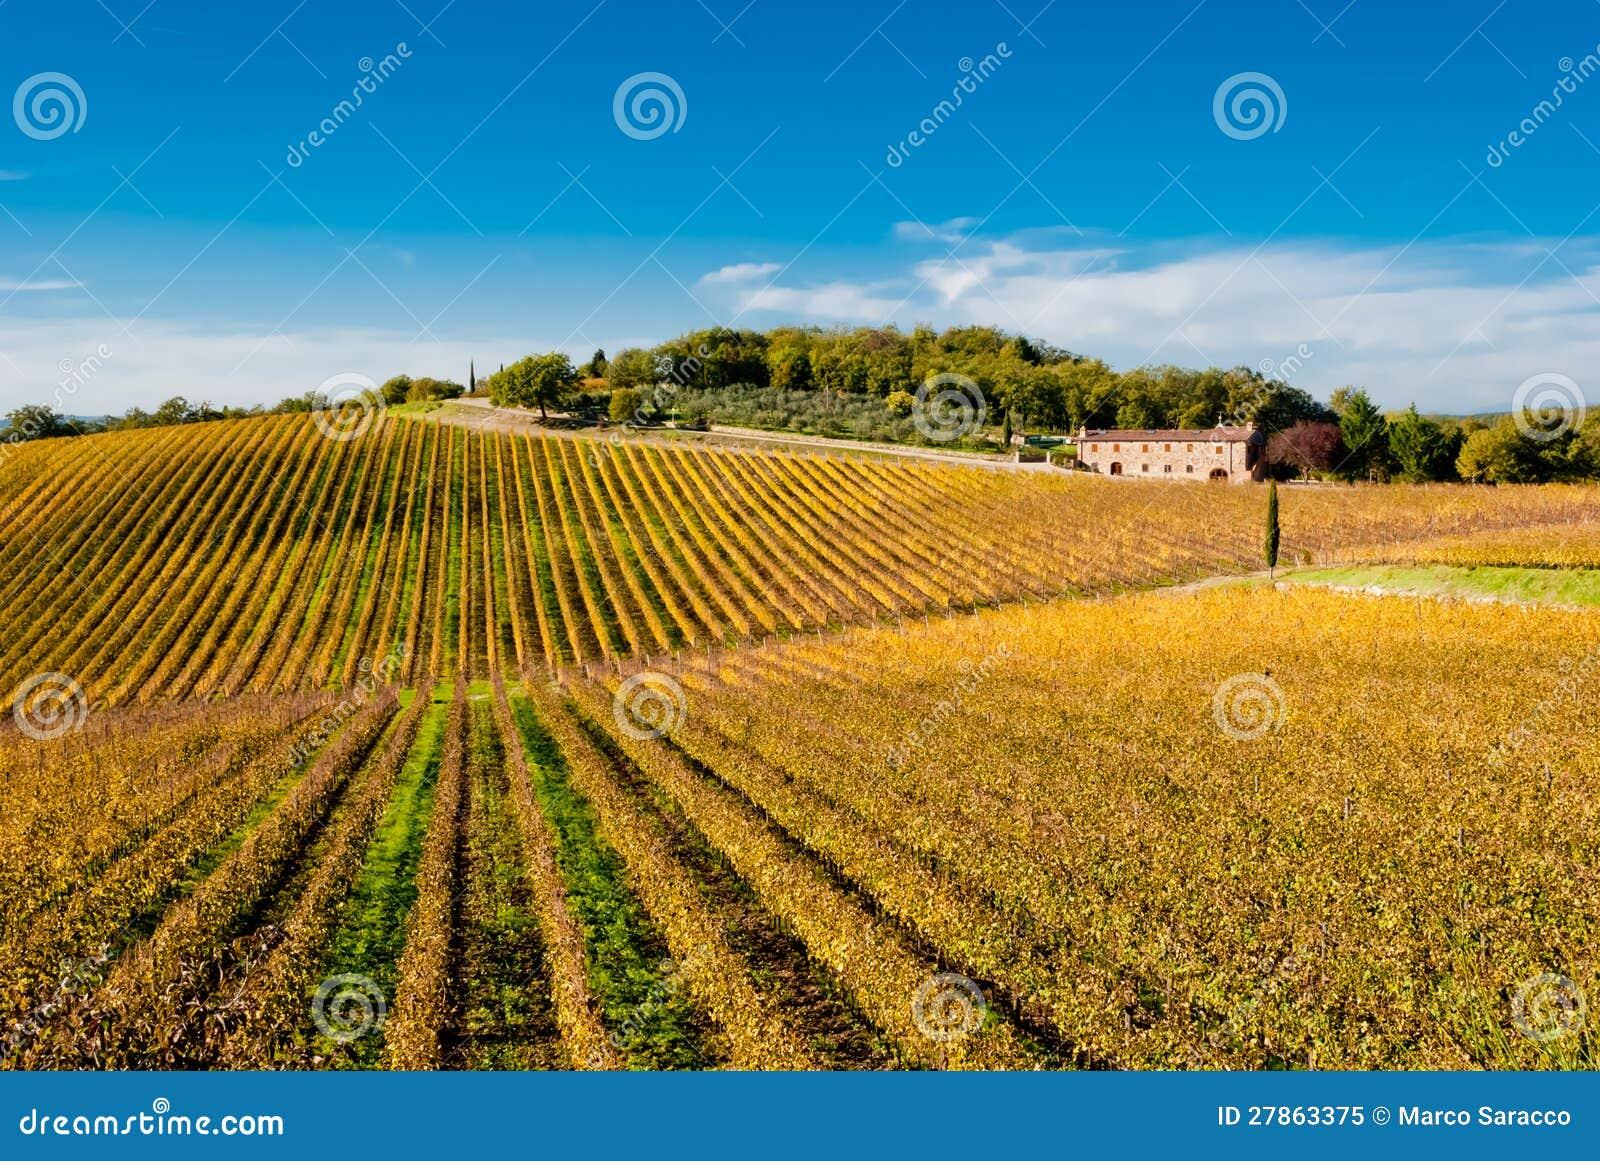 De wijngaarden van het de wijngebied van de chianti, Toscanië